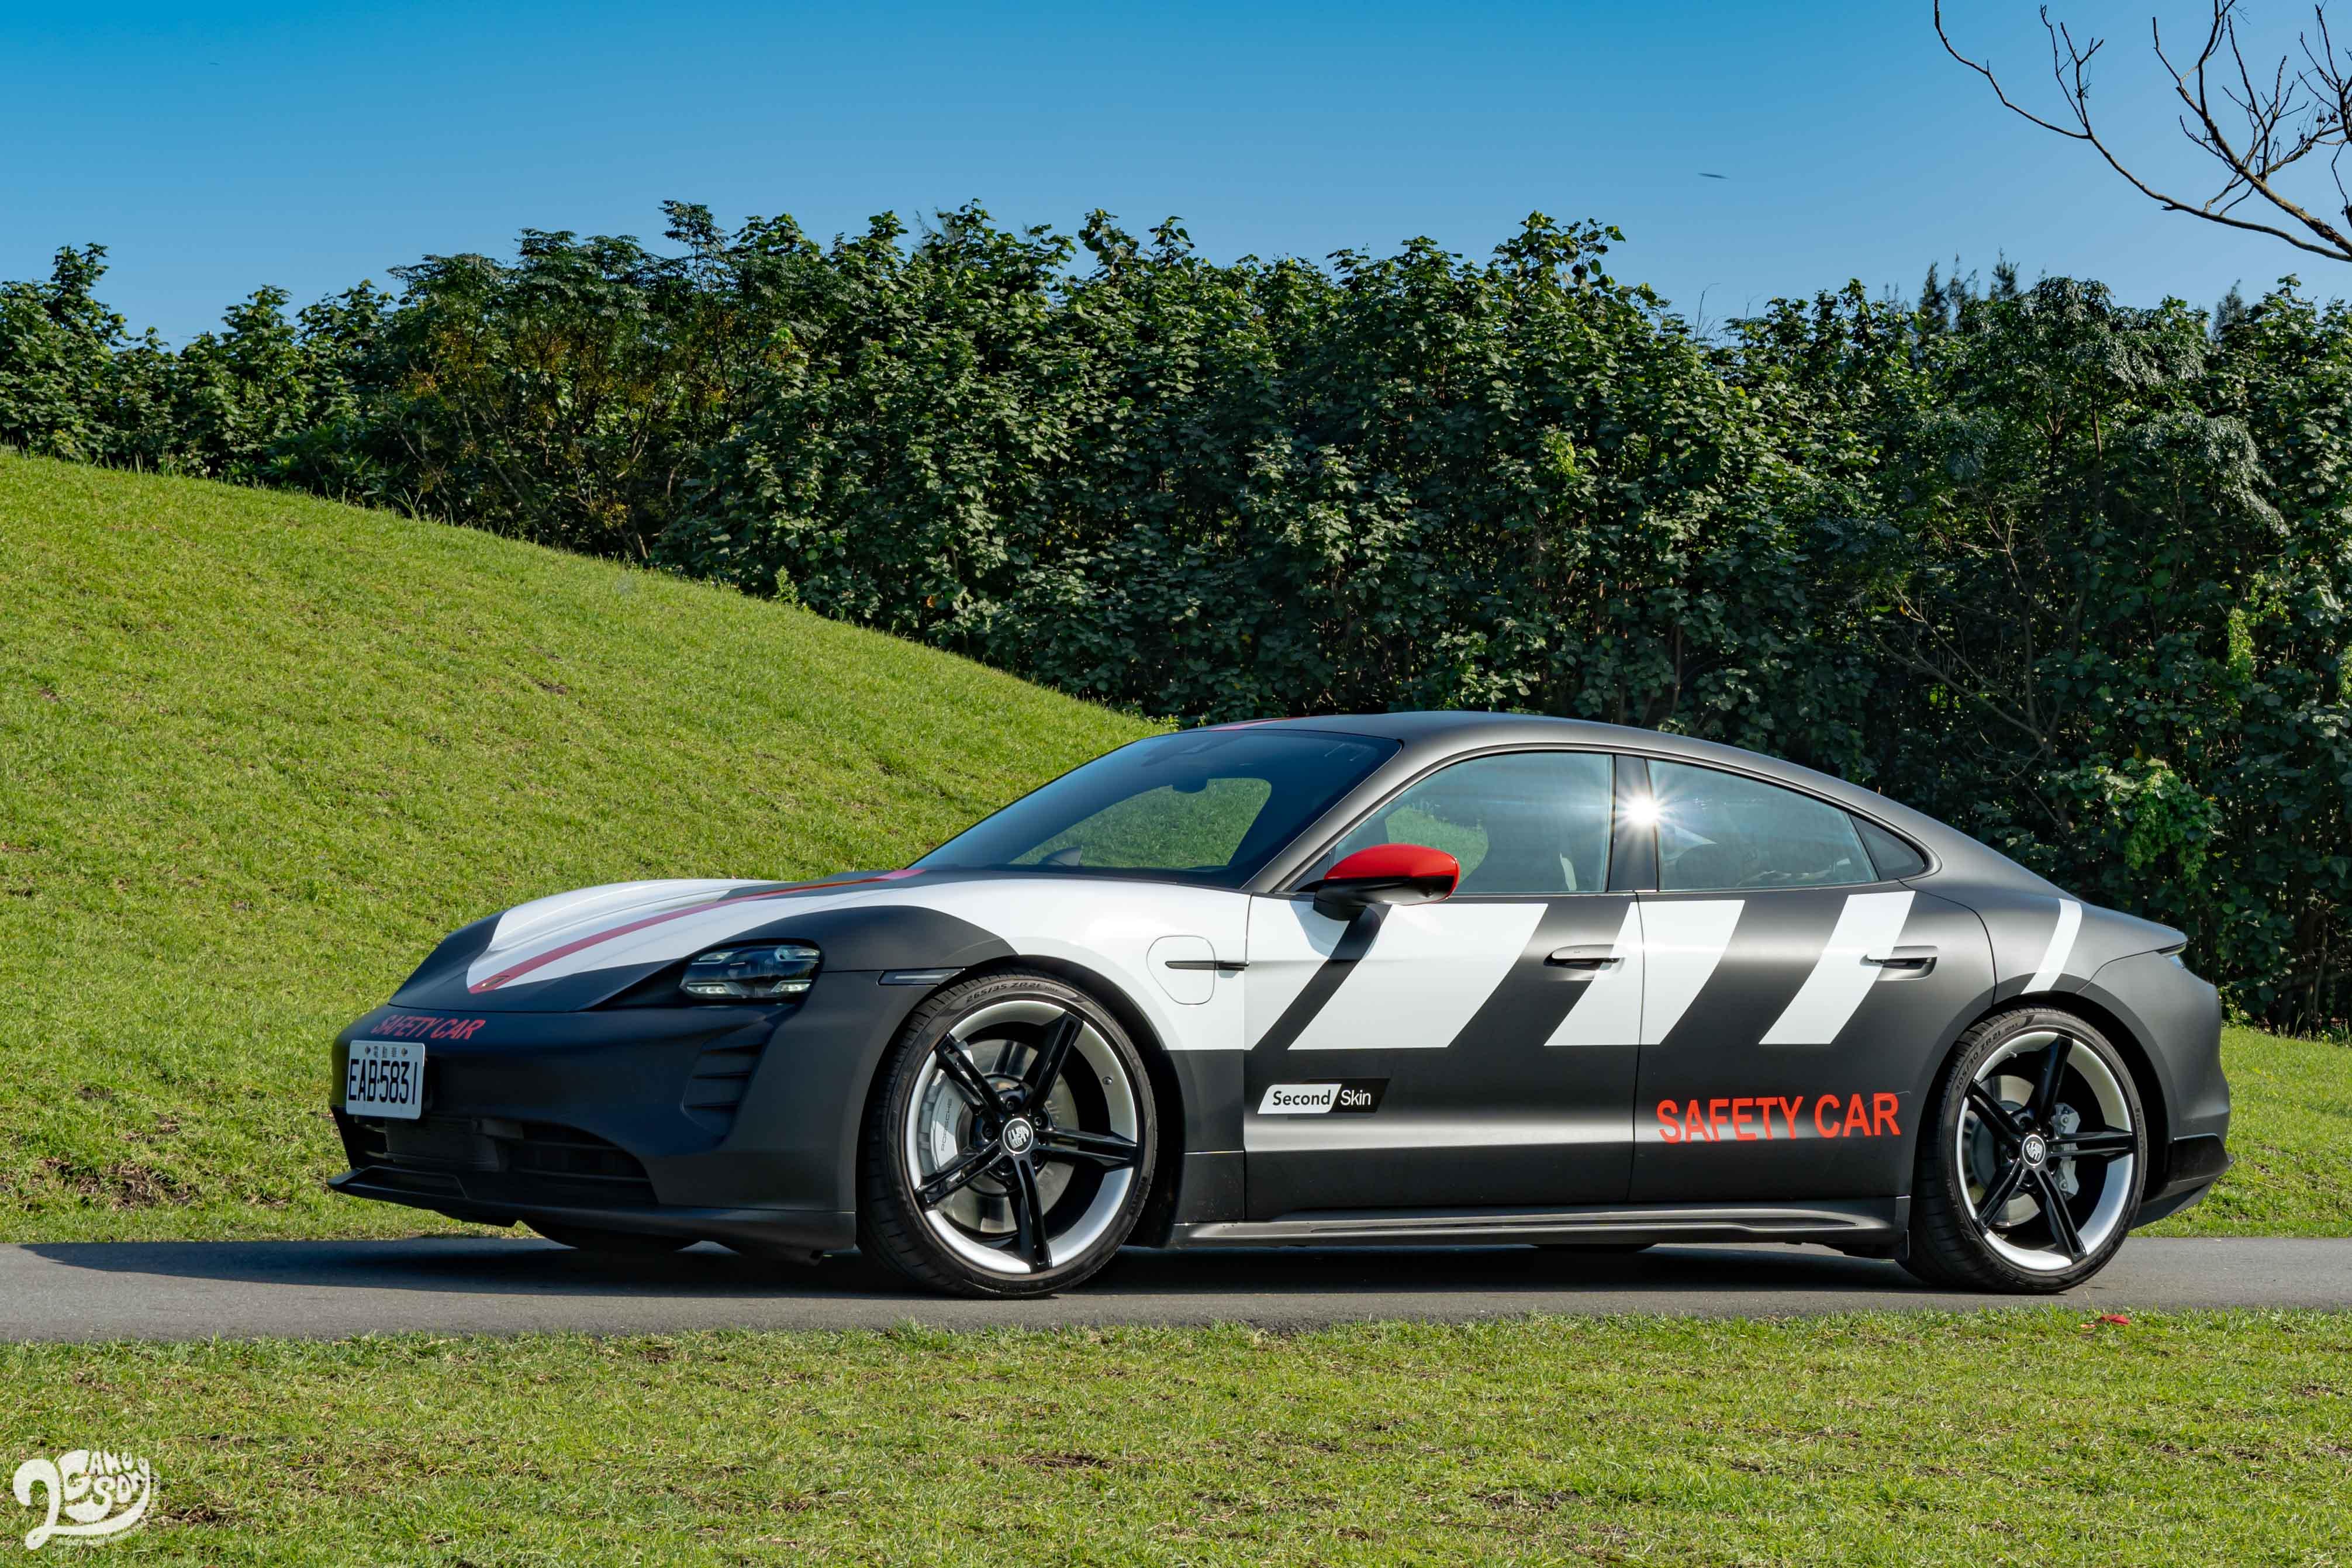 Porsche Taycan 擁有保時捷經典的 Flyline 車頂弧線、兩側高起的肩線,以及新世代車款共通的車尾設計。